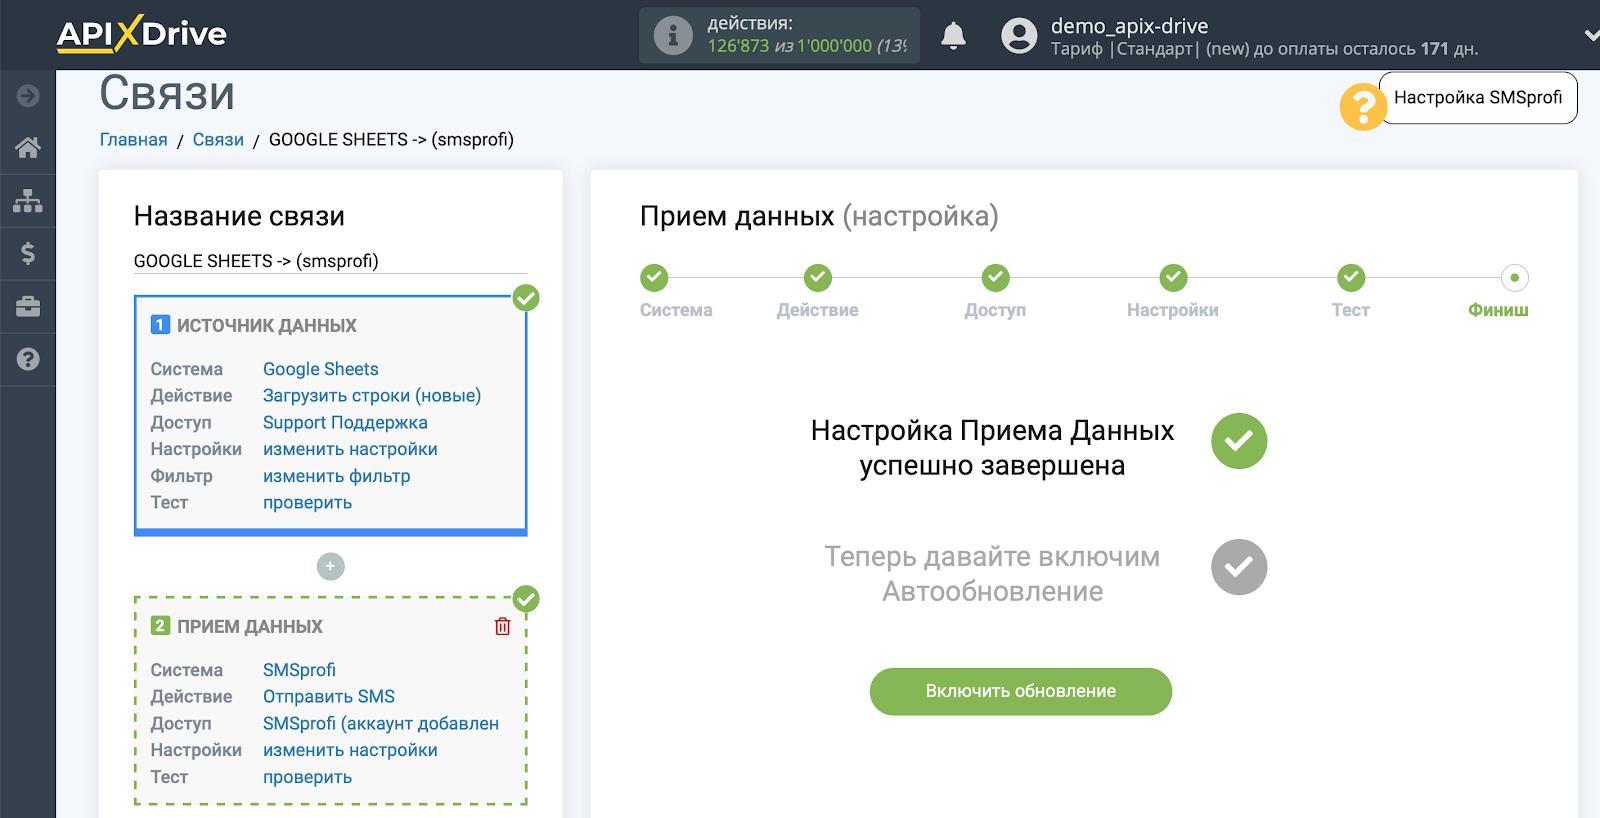 Настройка Приема данных в SMSprofi | Включение автообновления